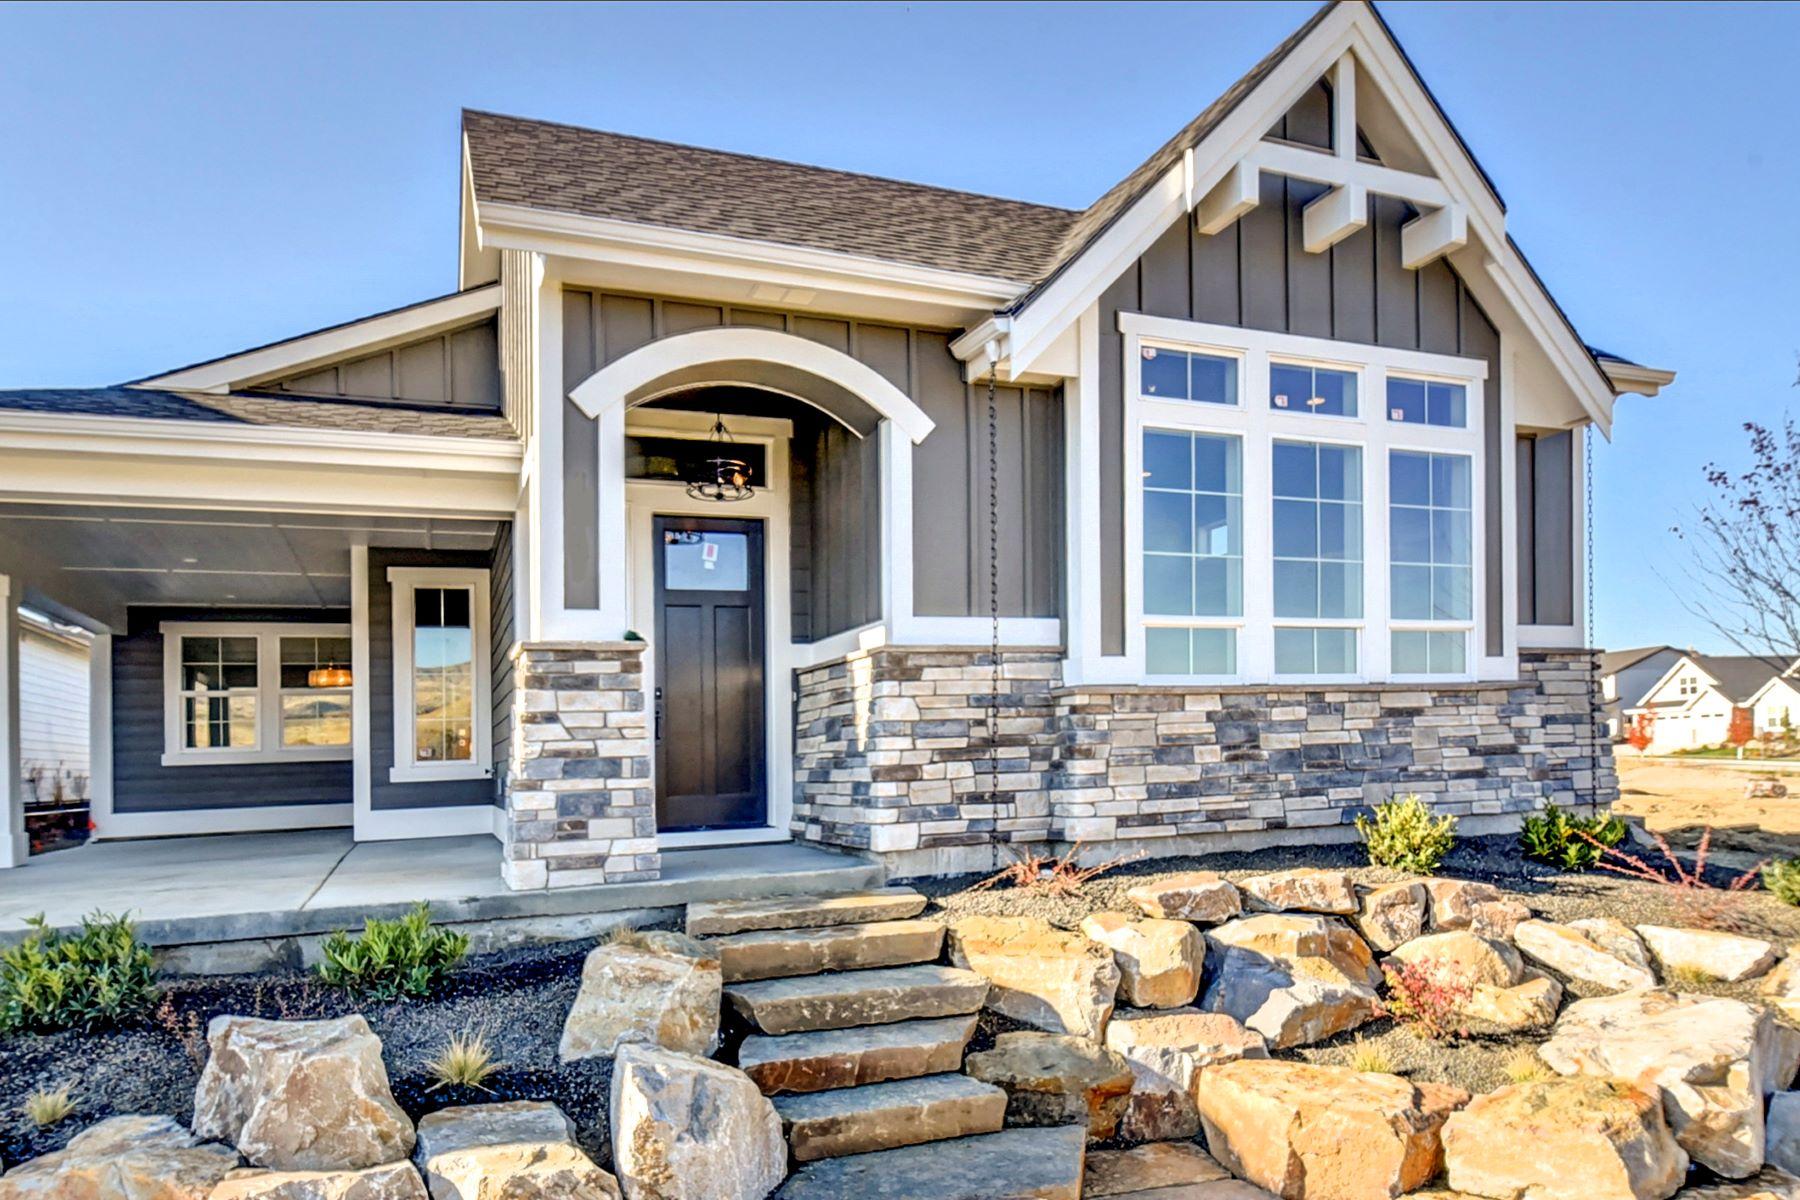 一戸建て のために 売買 アット 4299 Farm View Dr, Boise 4299 W Farm View Dr, Boise, アイダホ, 83714 アメリカ合衆国